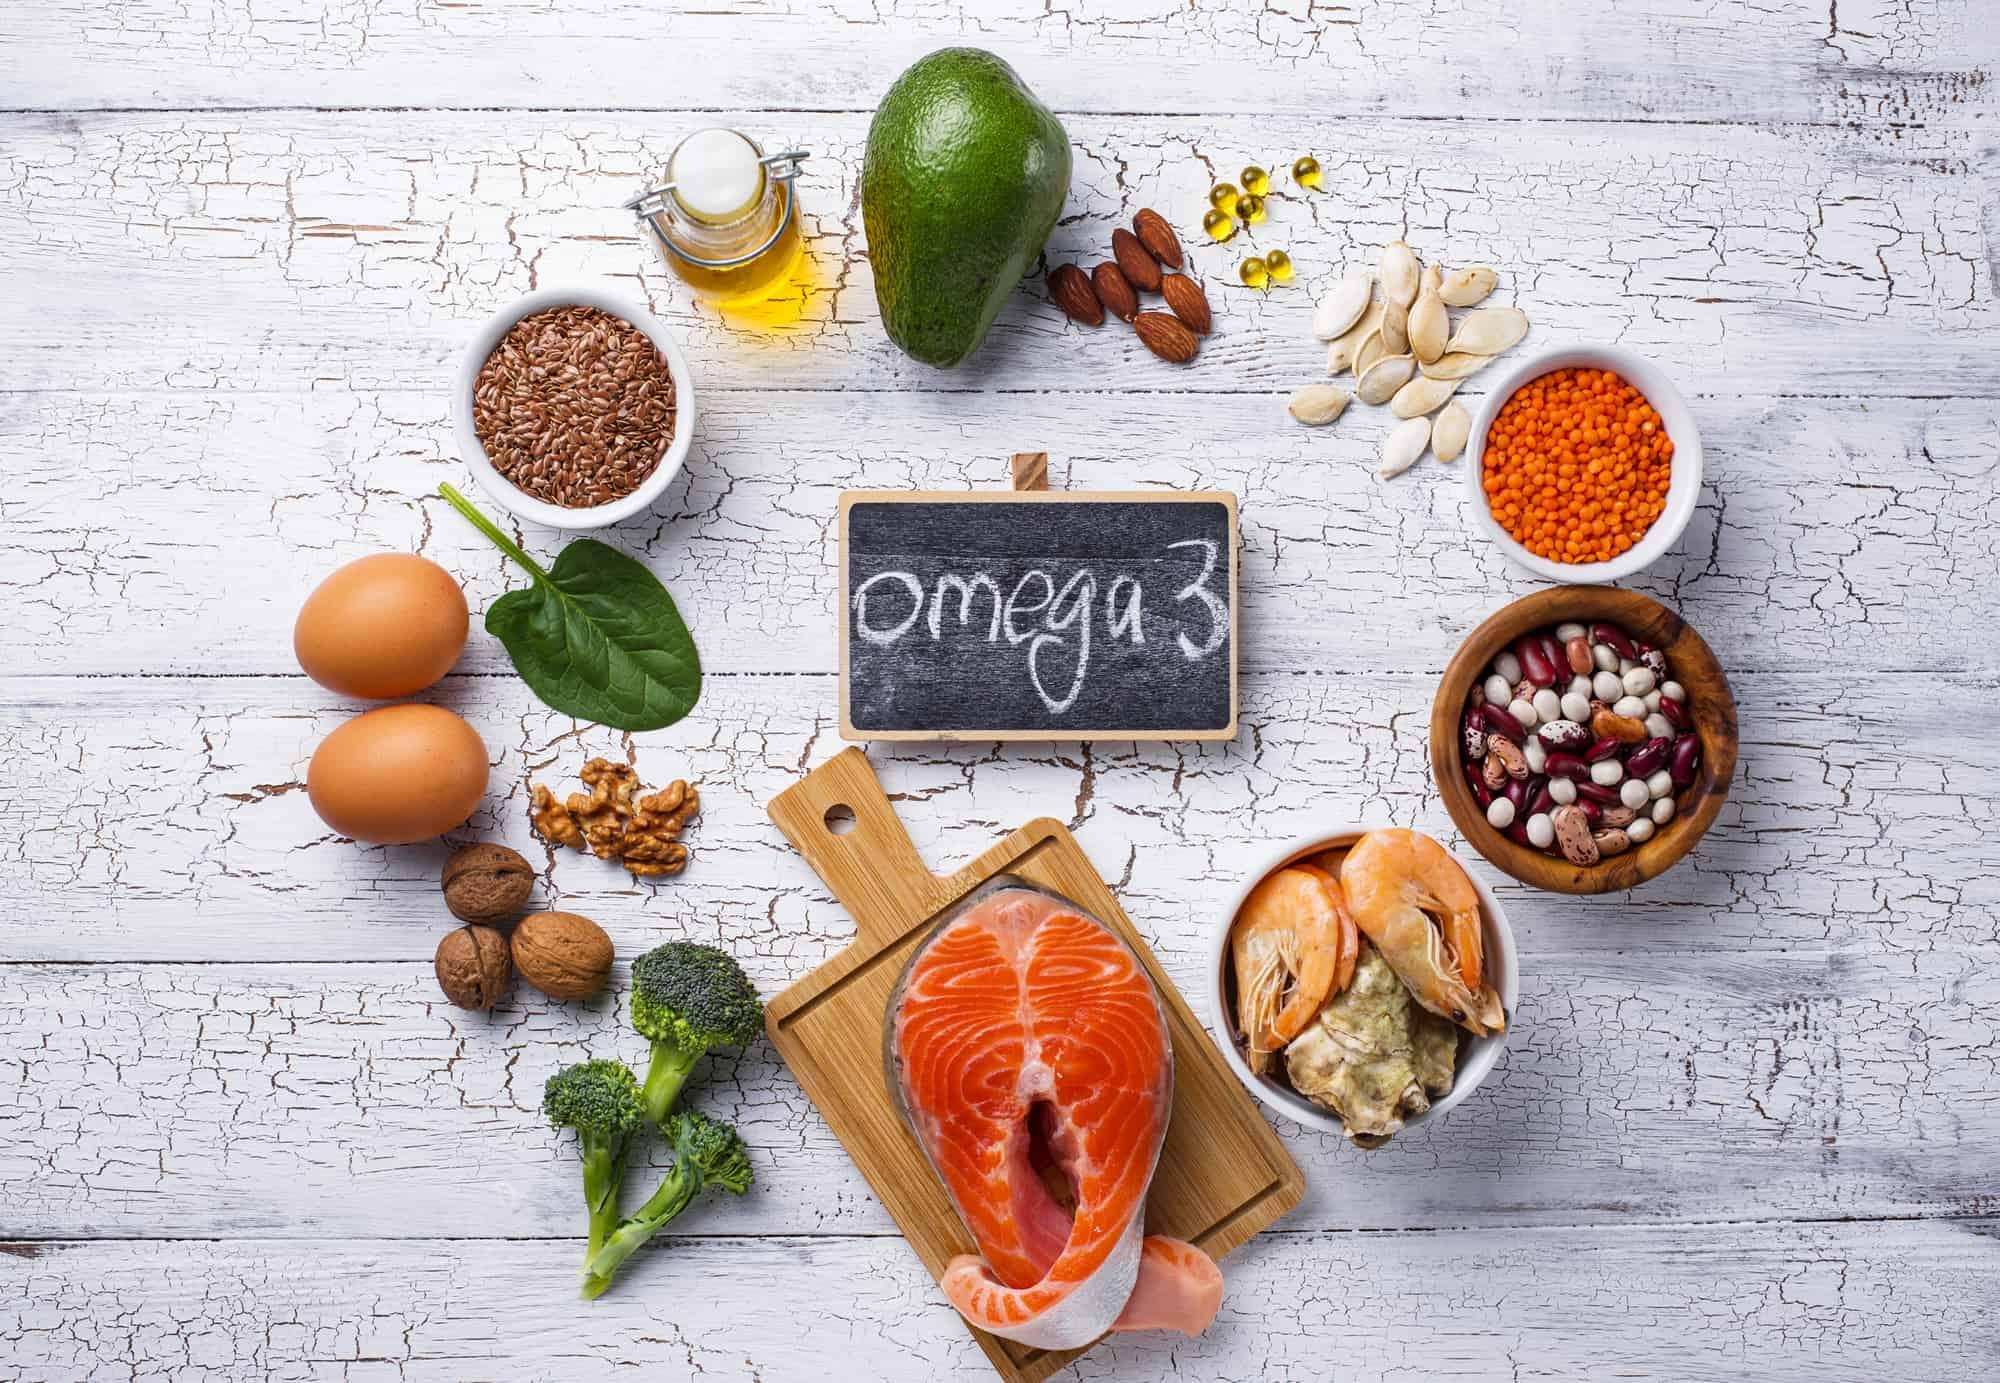 Omega 3 Para Tdah Deficit De Atencao E Hiperactividade